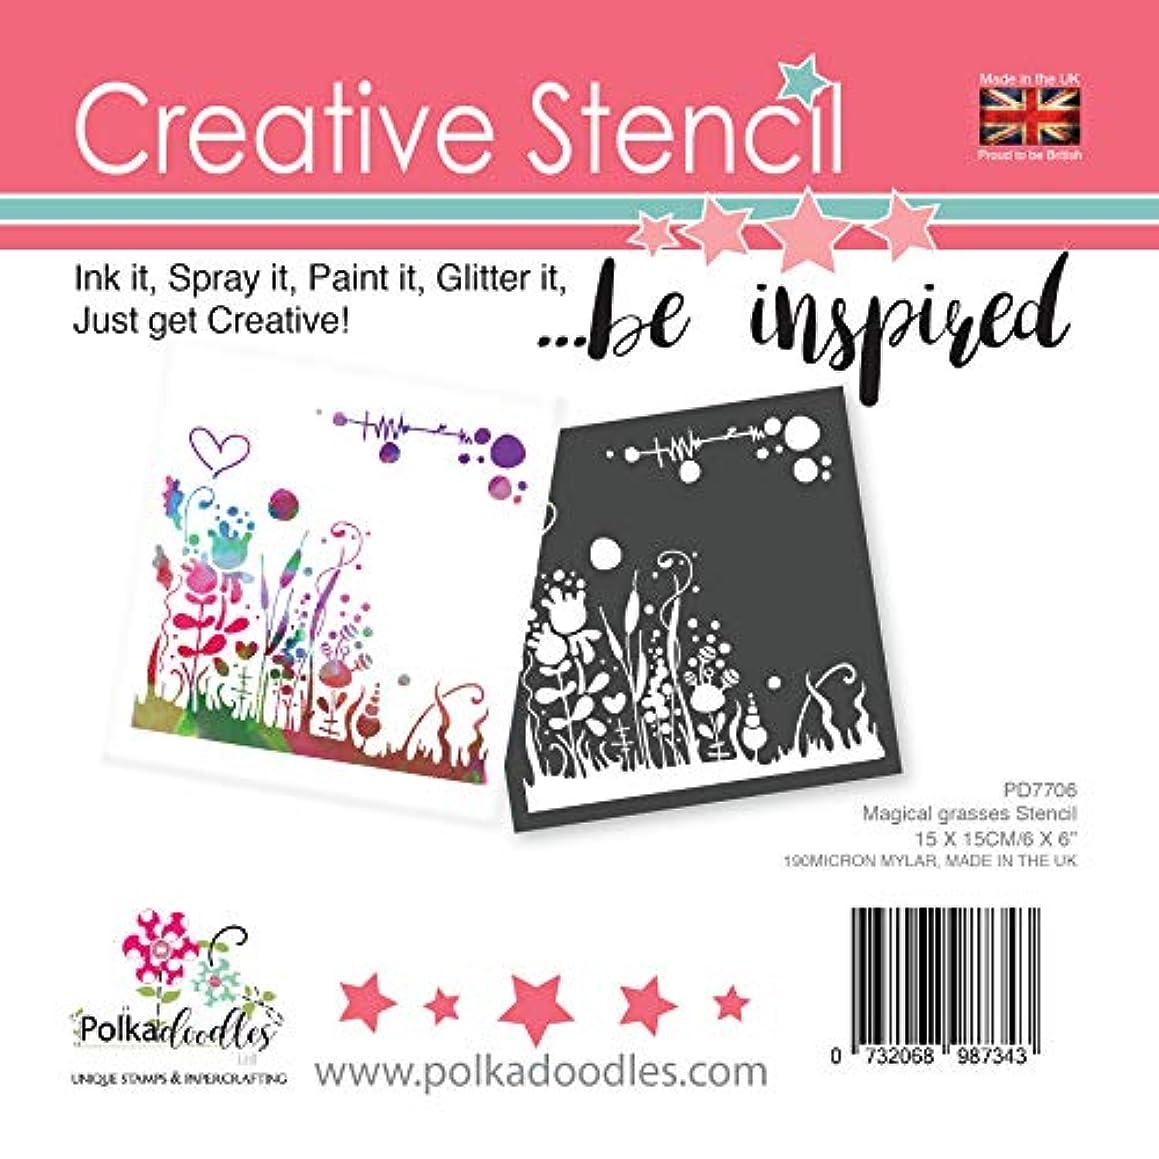 Polka Doodles Magical Grasses Stencil, 6x6